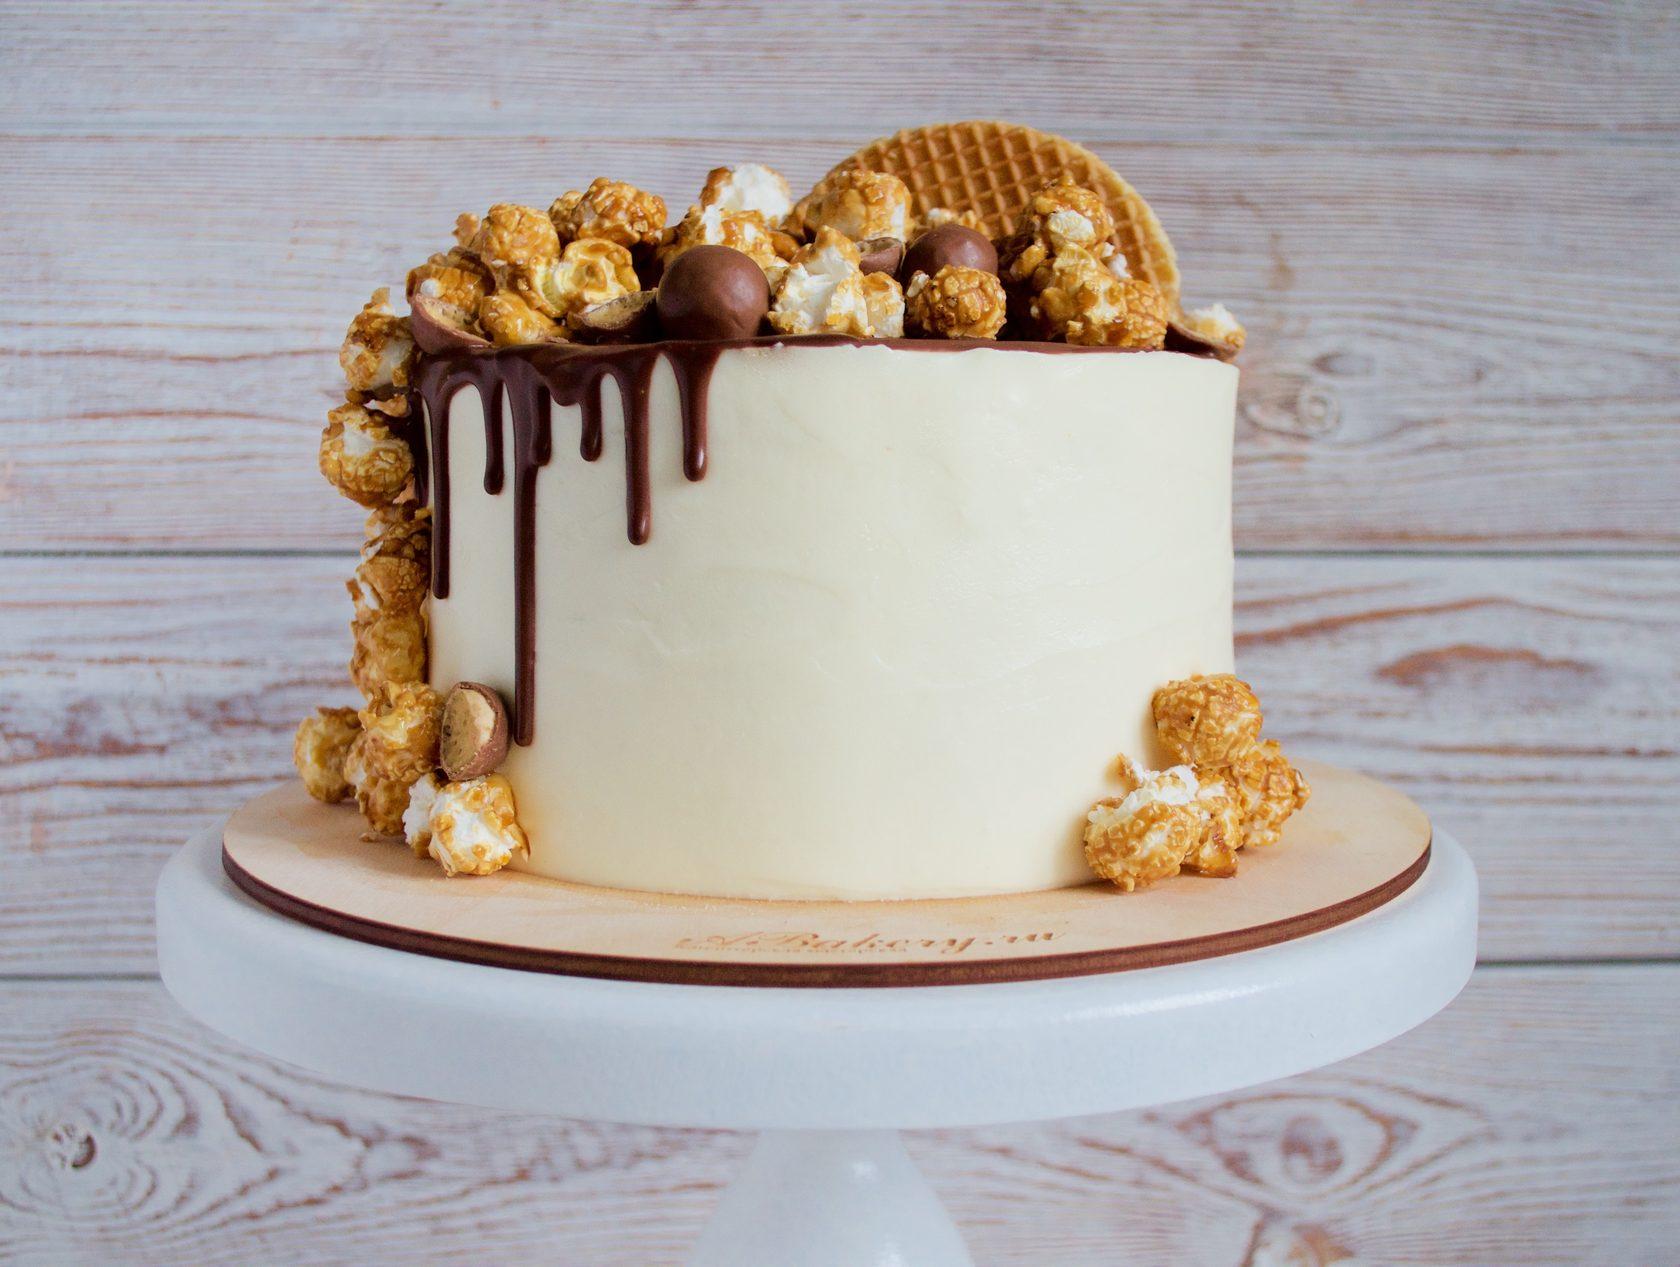 украсить торт попкорном